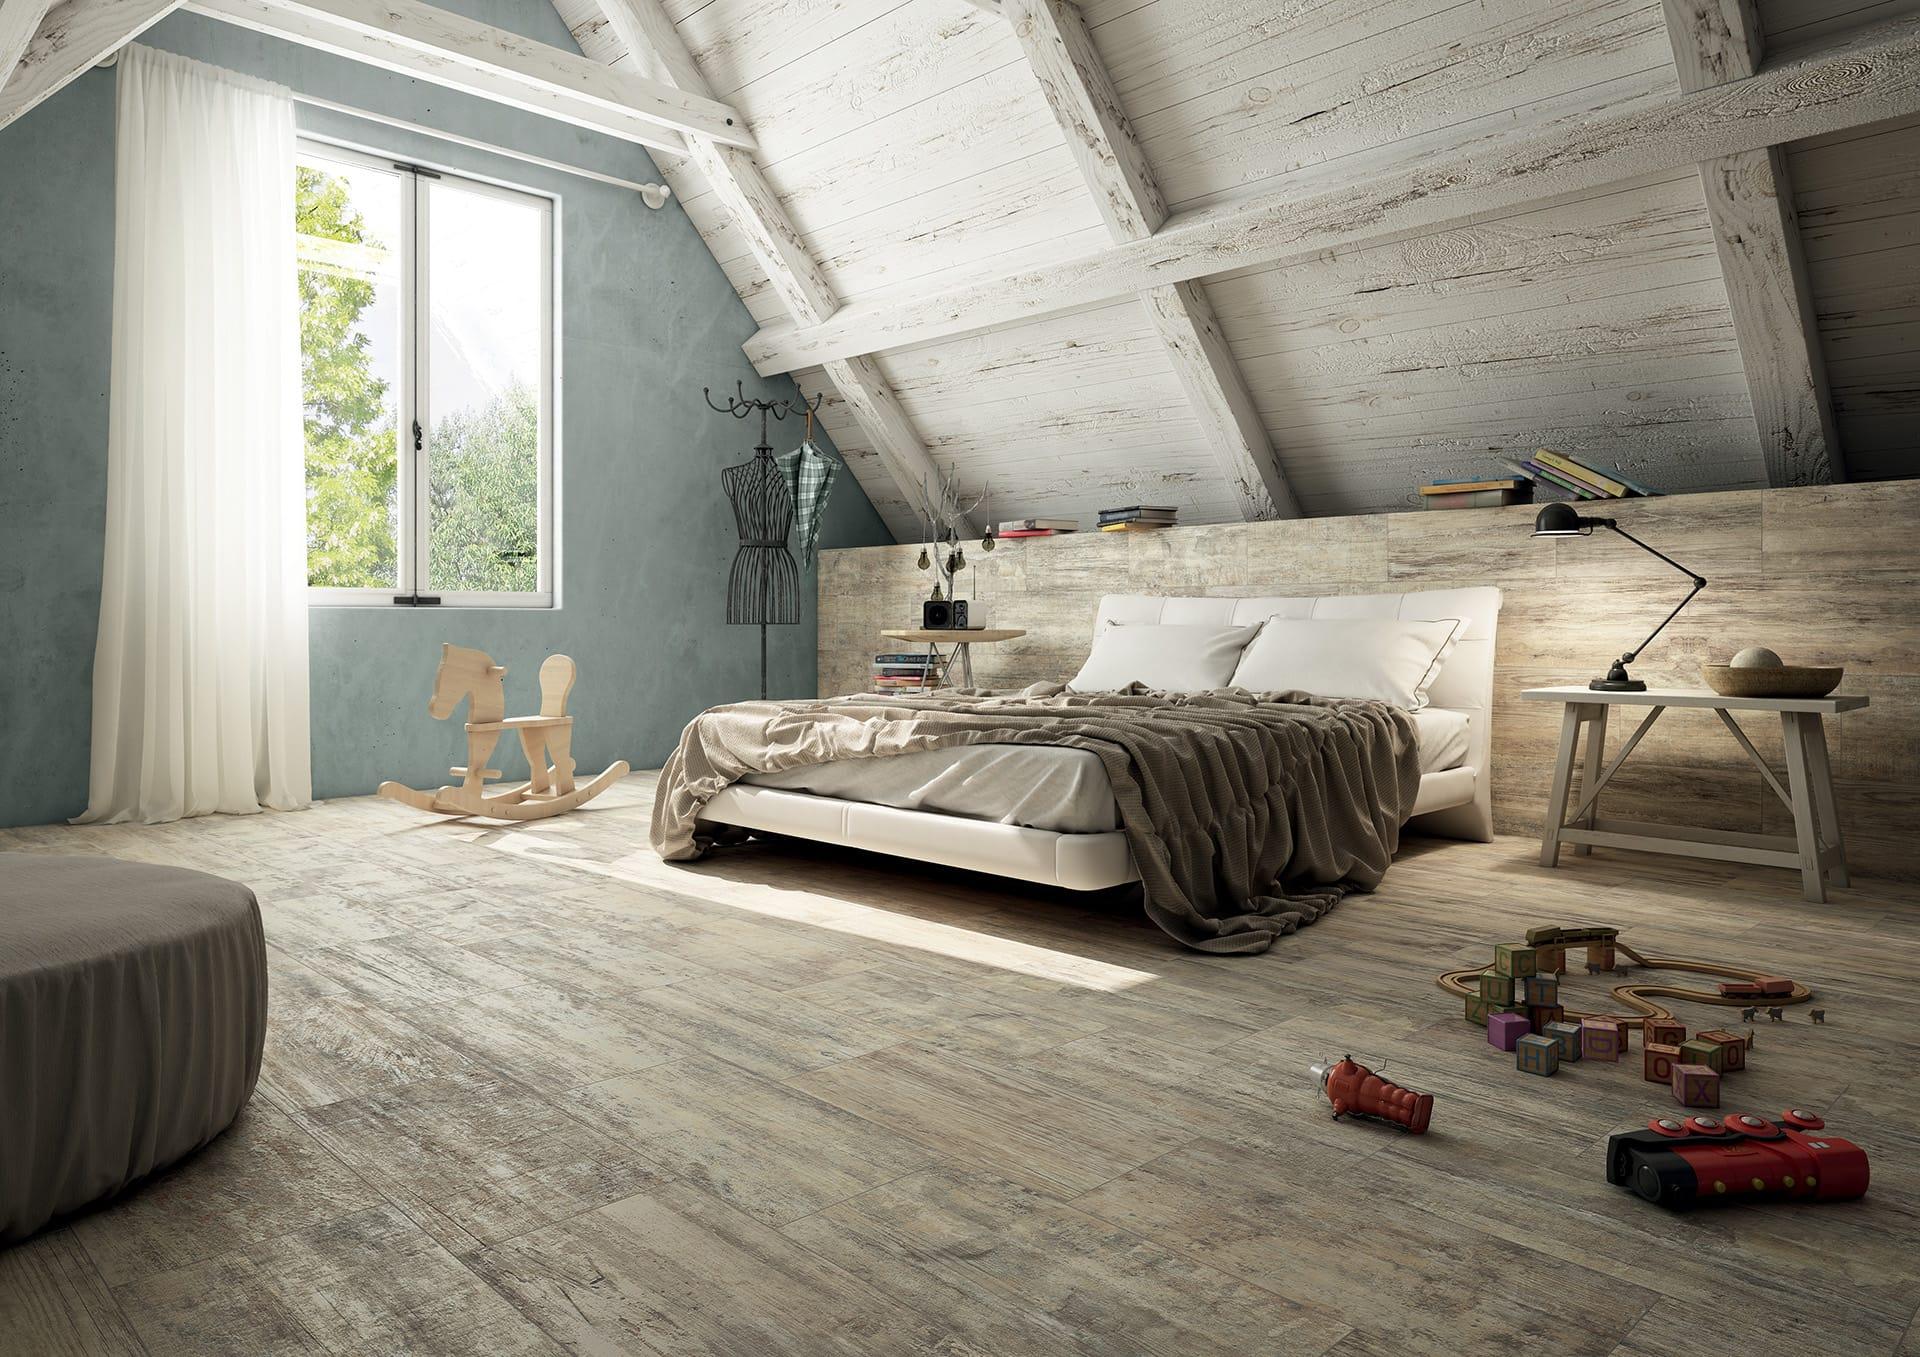 Carrelage Imitation Parquet 30X60 carrelage imitation bois, carrelage intérieur - cortex 3.6